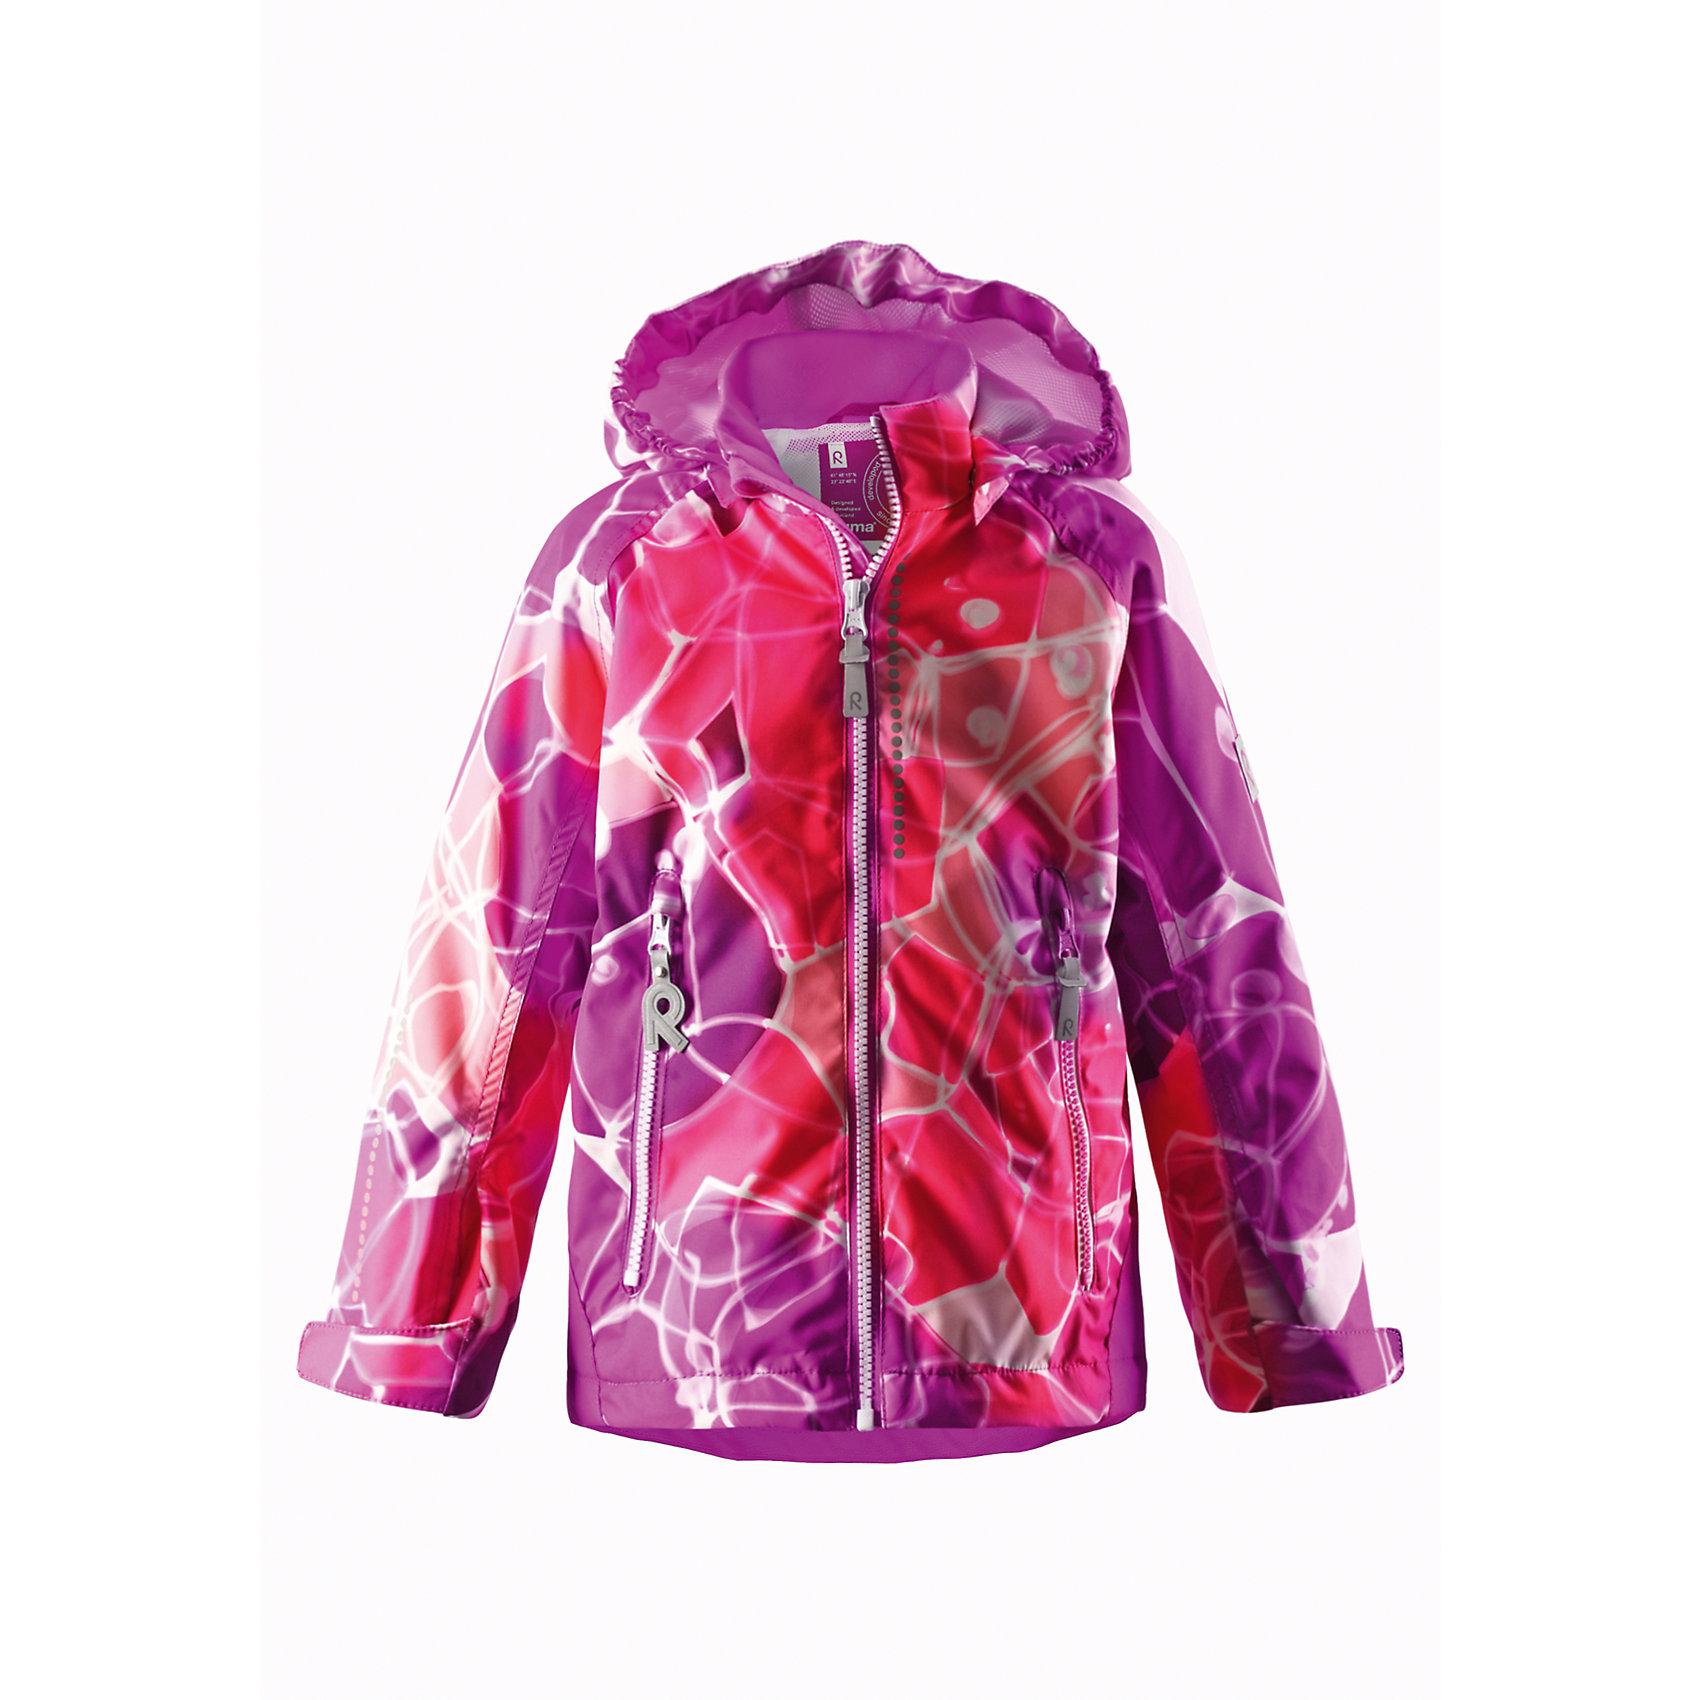 Куртка для девочки ReimaОдежда<br>Прекрасная куртка для детей для повседневной носки, с прочными усилительными вставками и отличным внешним видом. Разработана для активных видов отдыха и очень активных детей! Куртка выполнена из водо- и грязеотталкивающего материала, а основные швы проклеены для создания водонепроницаемости, чтобы предотвратить проникновение осадков. Подкладка из сетки обеспечивает удобство носки, так как гарантирует хорошую вентиляцию и способность материала пропускать воздух. Карманы на молнии разработаны для хранения маленьких «сокровищ» во время веселых игр на свежем воздухе. <br><br>Дополнительная информация:<br><br>Куртка демисезонная для детей Kiddo®<br>Основные швы проклеены и не пропускают влагу<br>Прочные усиленные вставки на рукавах и спинке<br>Водоотталкивающий, ветронепроницаемый и «дышащий» материал<br>Подкладка из mesh-сетки<br>Безопасный, съемный капюшон<br>Регулируемые манжеты и подол<br>Два кармана на молнии<br>Безопасные светоотражающие детали<br>Состав:<br>100% ПЭ, ПУ-покрытие<br>Уход:<br>Стирать по отдельности, вывернув наизнанку. Застегнуть молнии и липучки. Стирать моющим средством, не содержащим отбеливающие вещества. Полоскать без специального средства. Во избежание изменения цвета изделие необходимо вынуть из стиральной машинки незамедлительно после окончания программы стирки. Сушить при низкой температуре.<br><br>Ширина мм: 356<br>Глубина мм: 10<br>Высота мм: 245<br>Вес г: 519<br>Цвет: розовый<br>Возраст от месяцев: 12<br>Возраст до месяцев: 24<br>Пол: Женский<br>Возраст: Детский<br>Размер: 92,104,110,122,128,140,134,116,98<br>SKU: 4496823